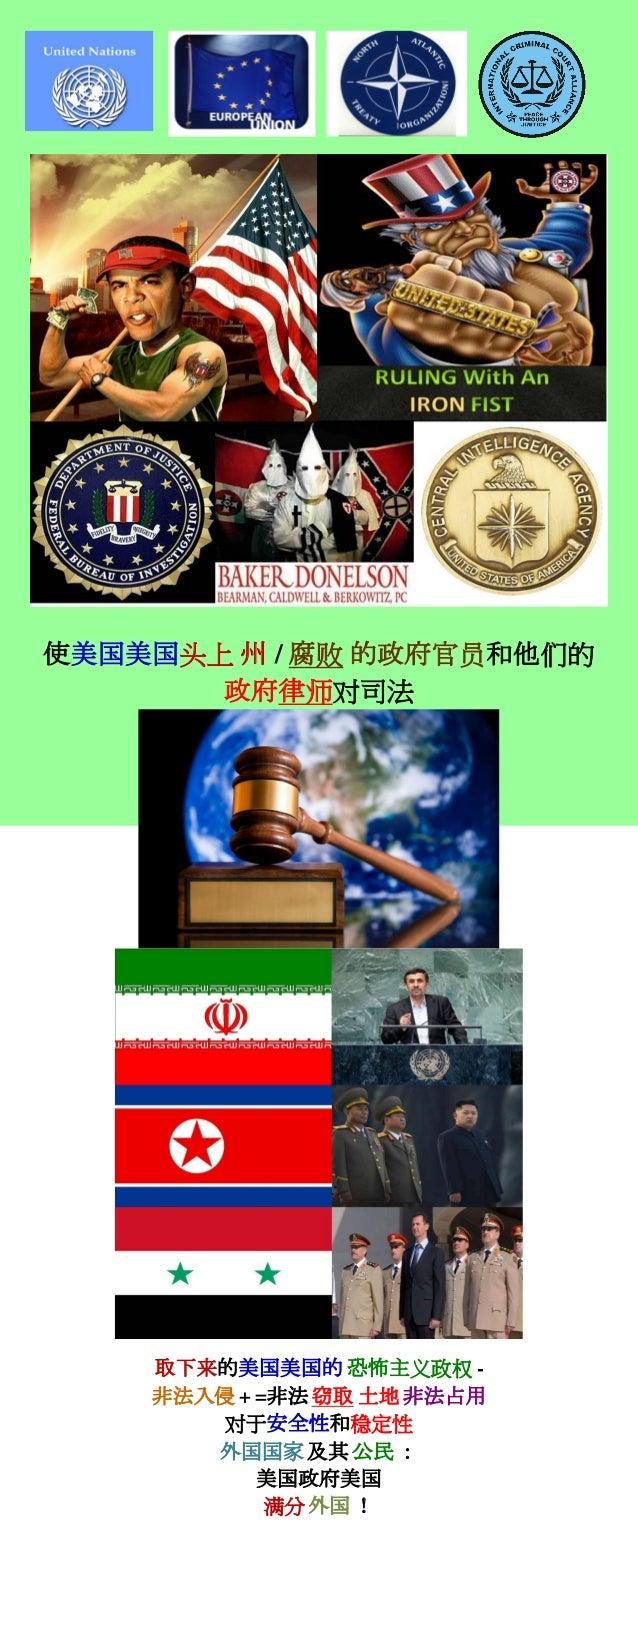 使美国美国头上 州 / 腐败 的政府官员和他们的 政府律师对司法 取下来的美国美国的 恐怖主义政权 - 非法入侵 + =非法窃取 土地非法占用 对于安全性和稳定性 外国国家 及其 公民: 美国政府美国 满分外国 !